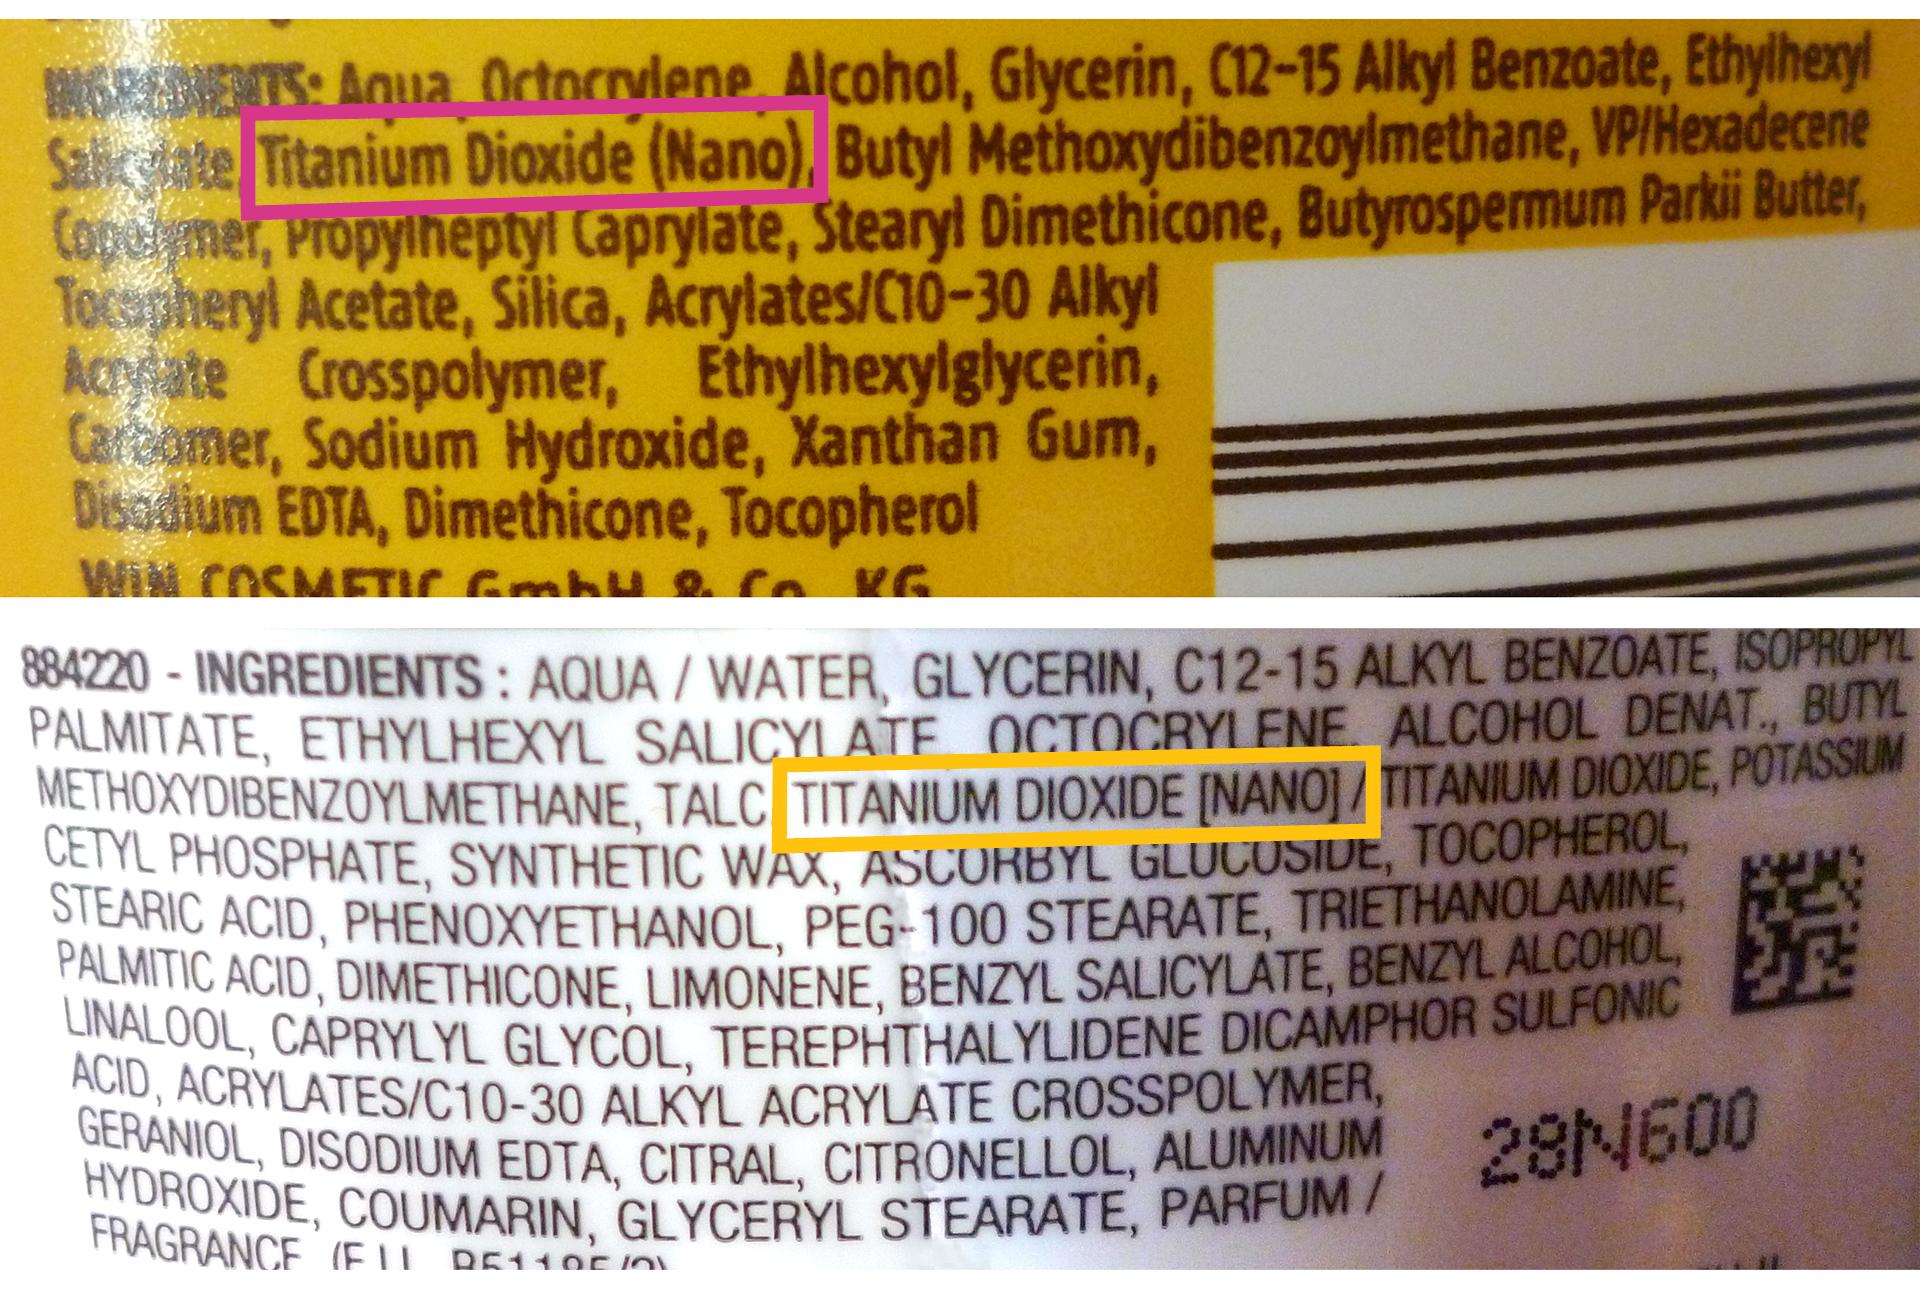 On évite les nanoparticules, obligatoirement mentionnées sur l'étiquette.